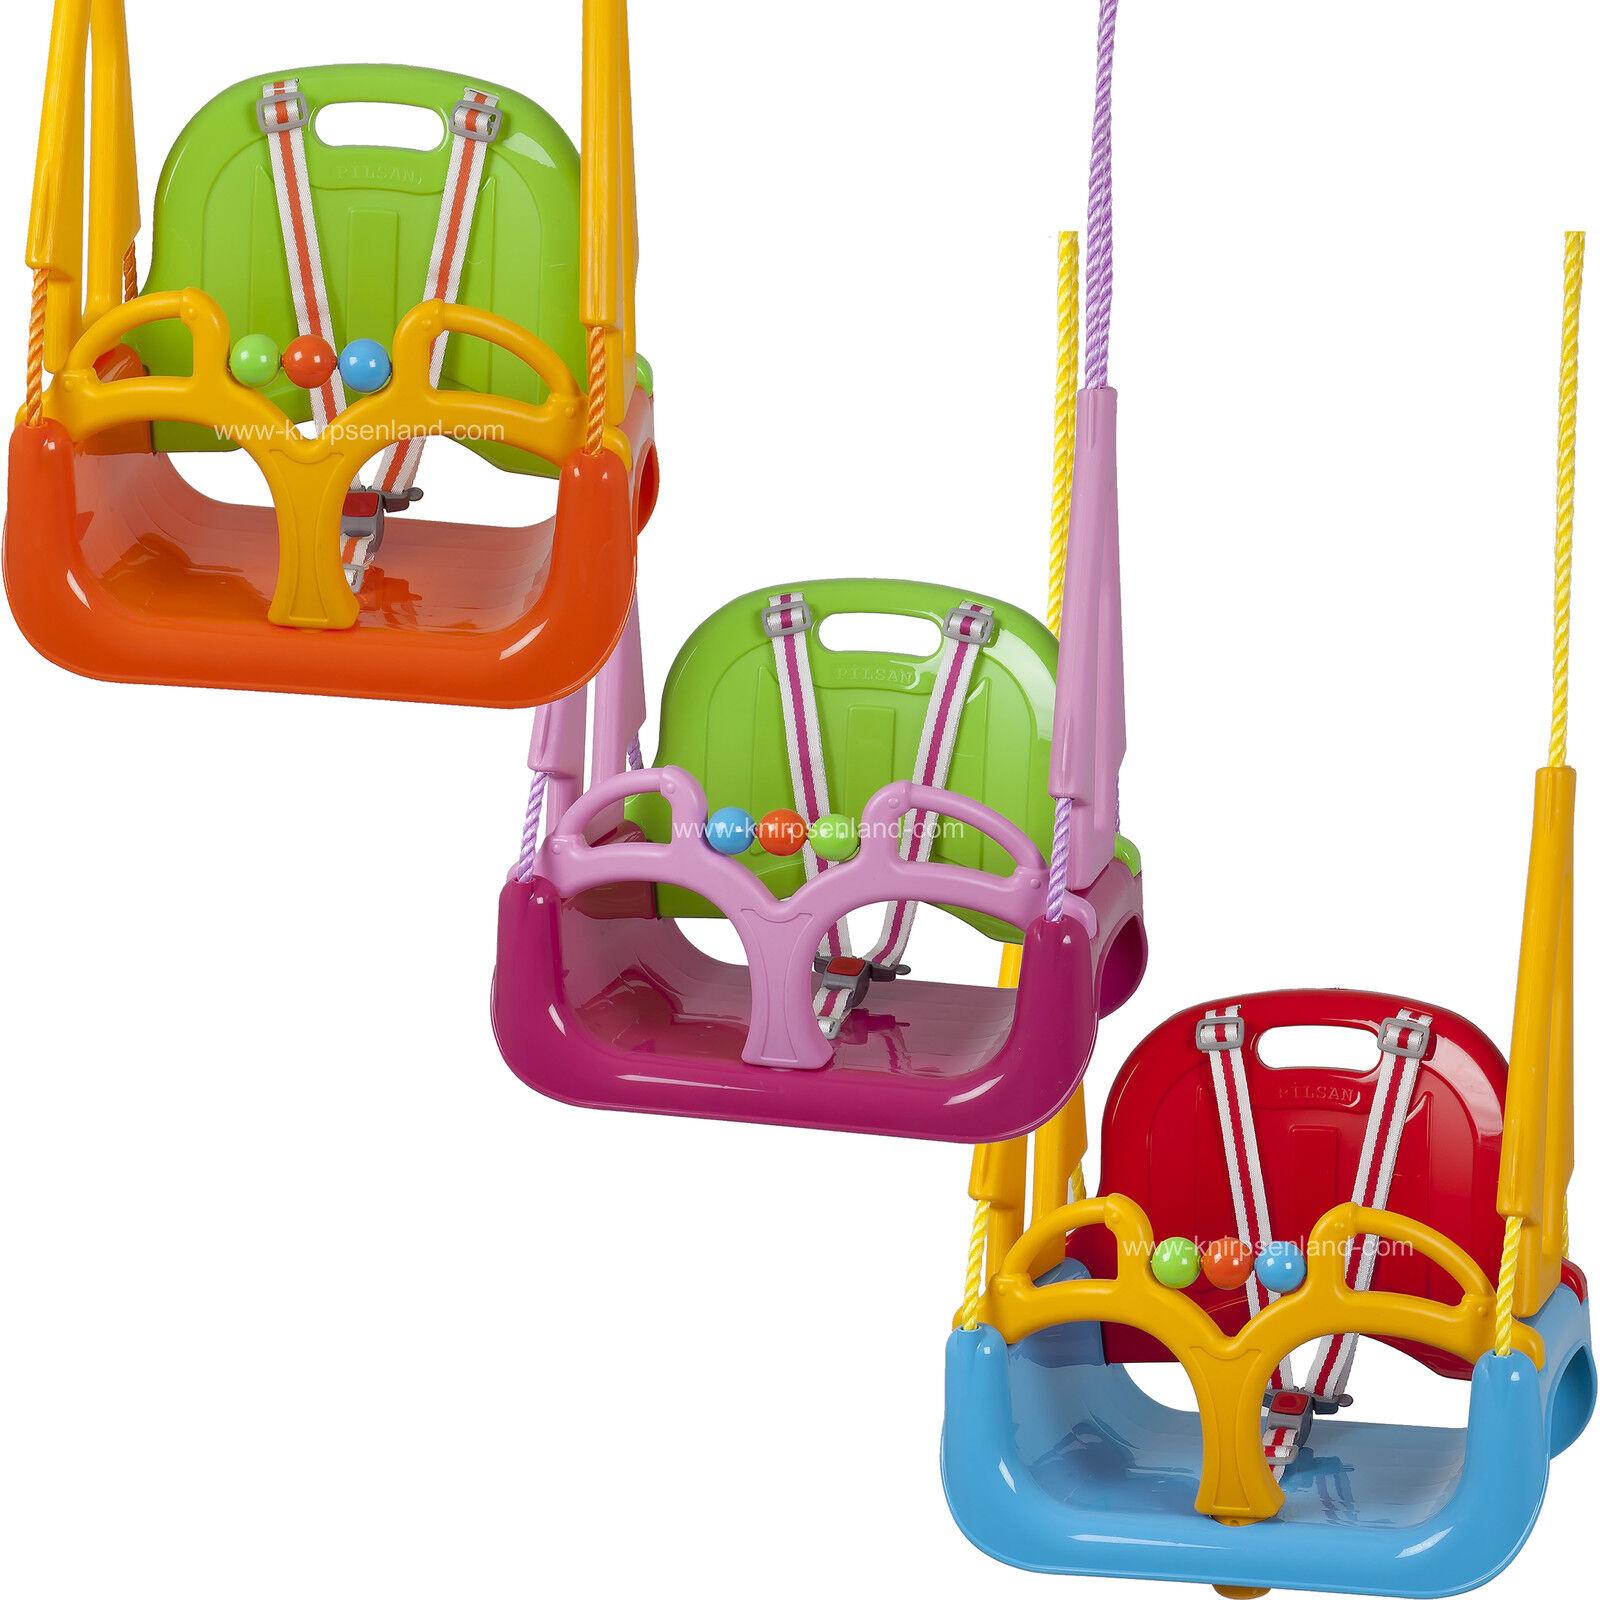 Kinderschaukel Babyschaukel Gartenschaukel 3 in 1 Baby Kinder Garten Schaukel